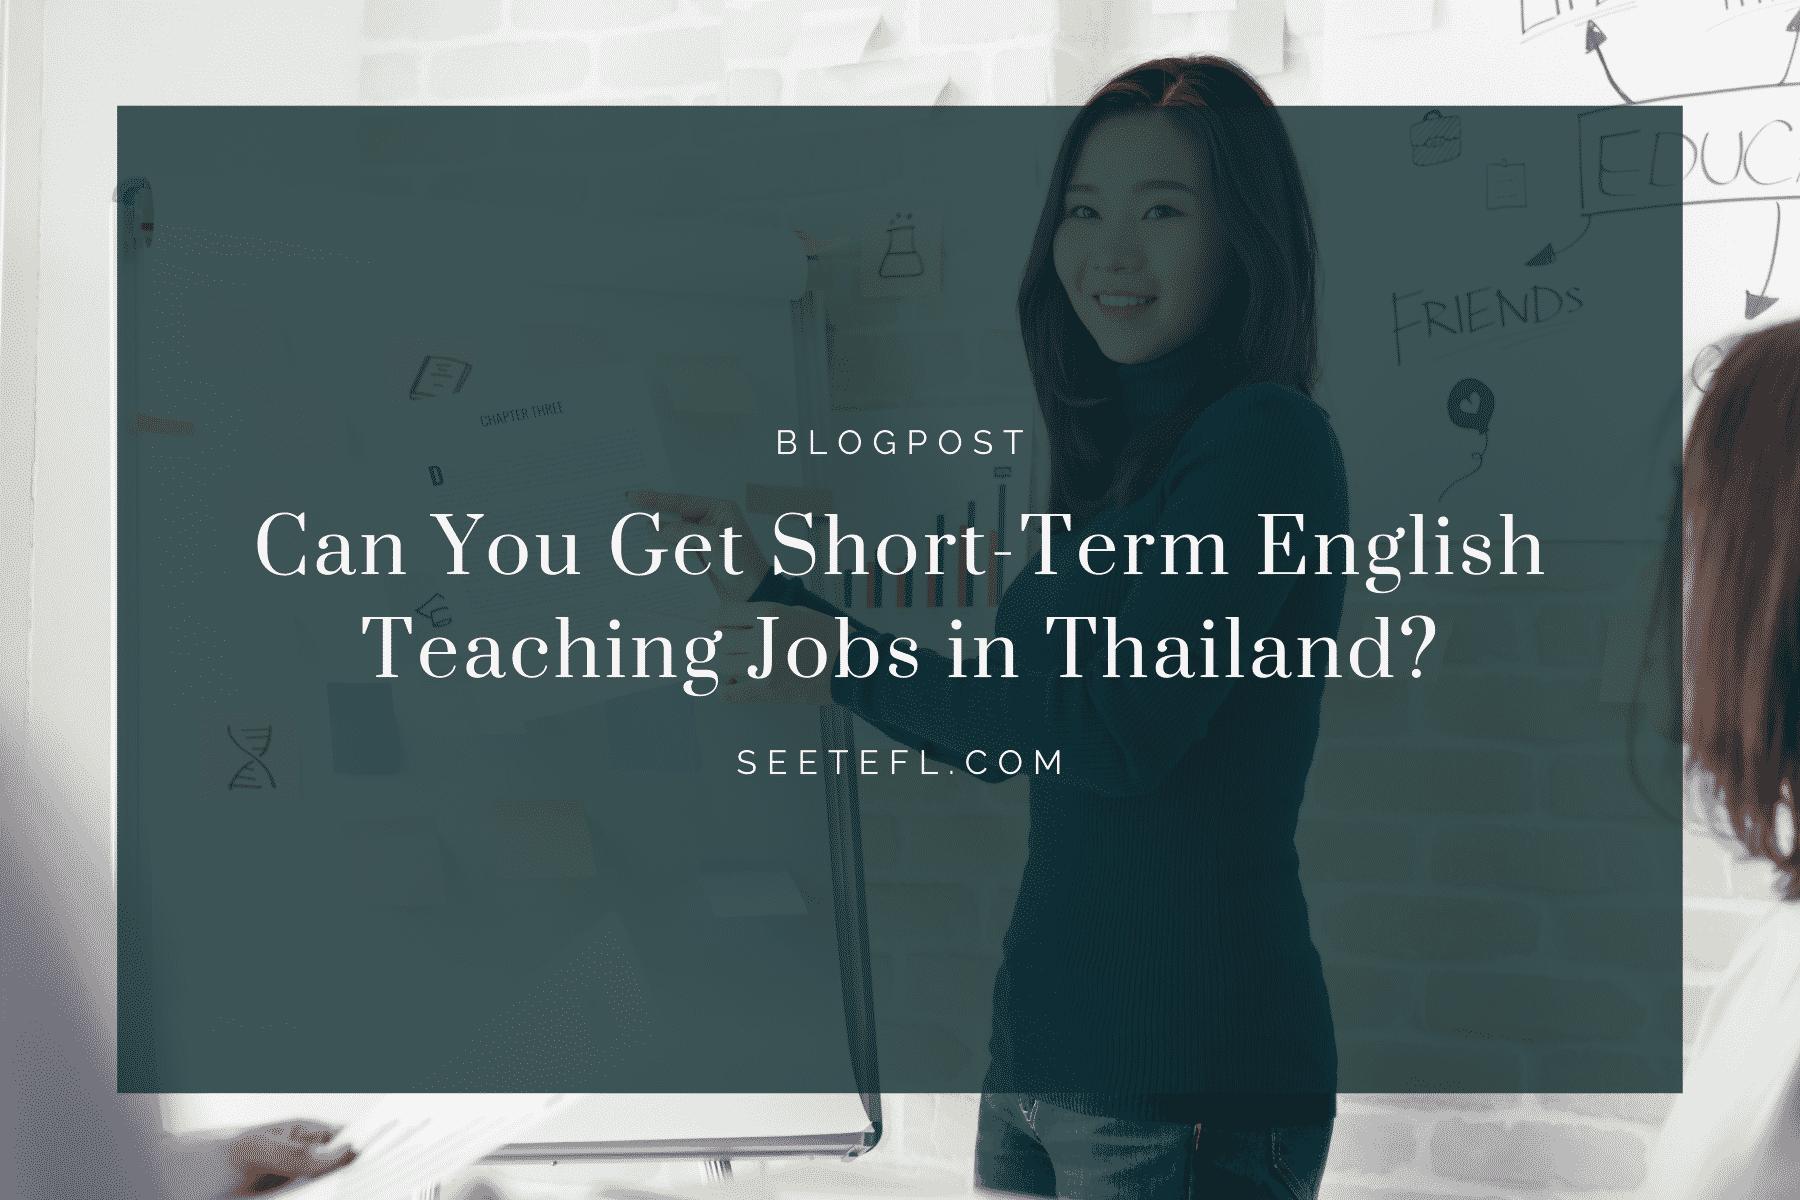 Get Short-Term English Teaching Jobs in Thailand